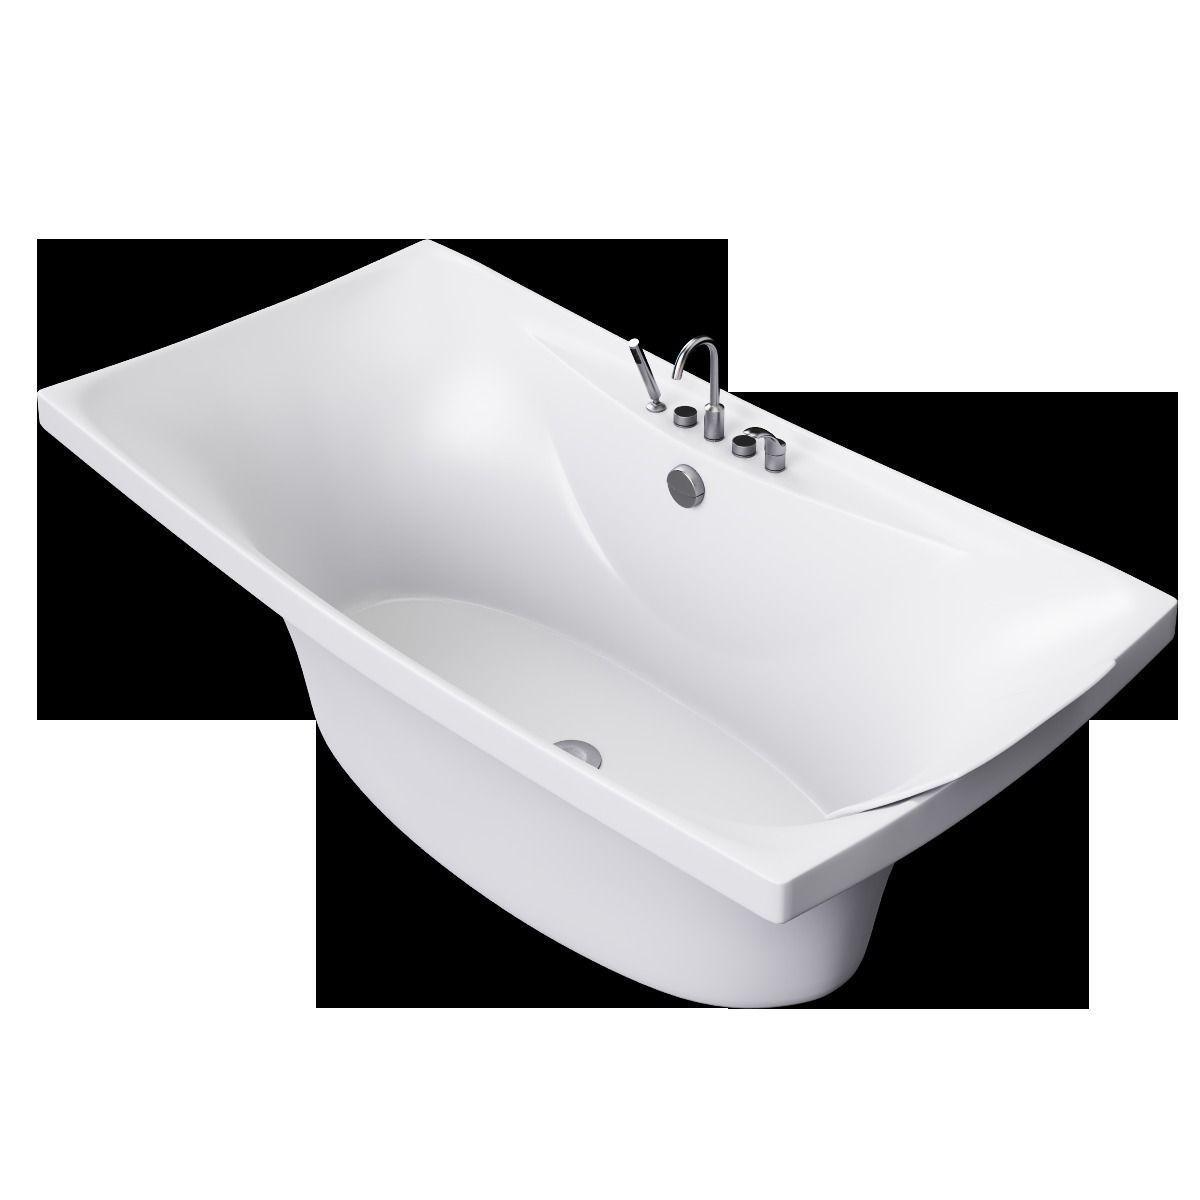 bath jacob delafon escale 3d model max cgtrader. Black Bedroom Furniture Sets. Home Design Ideas